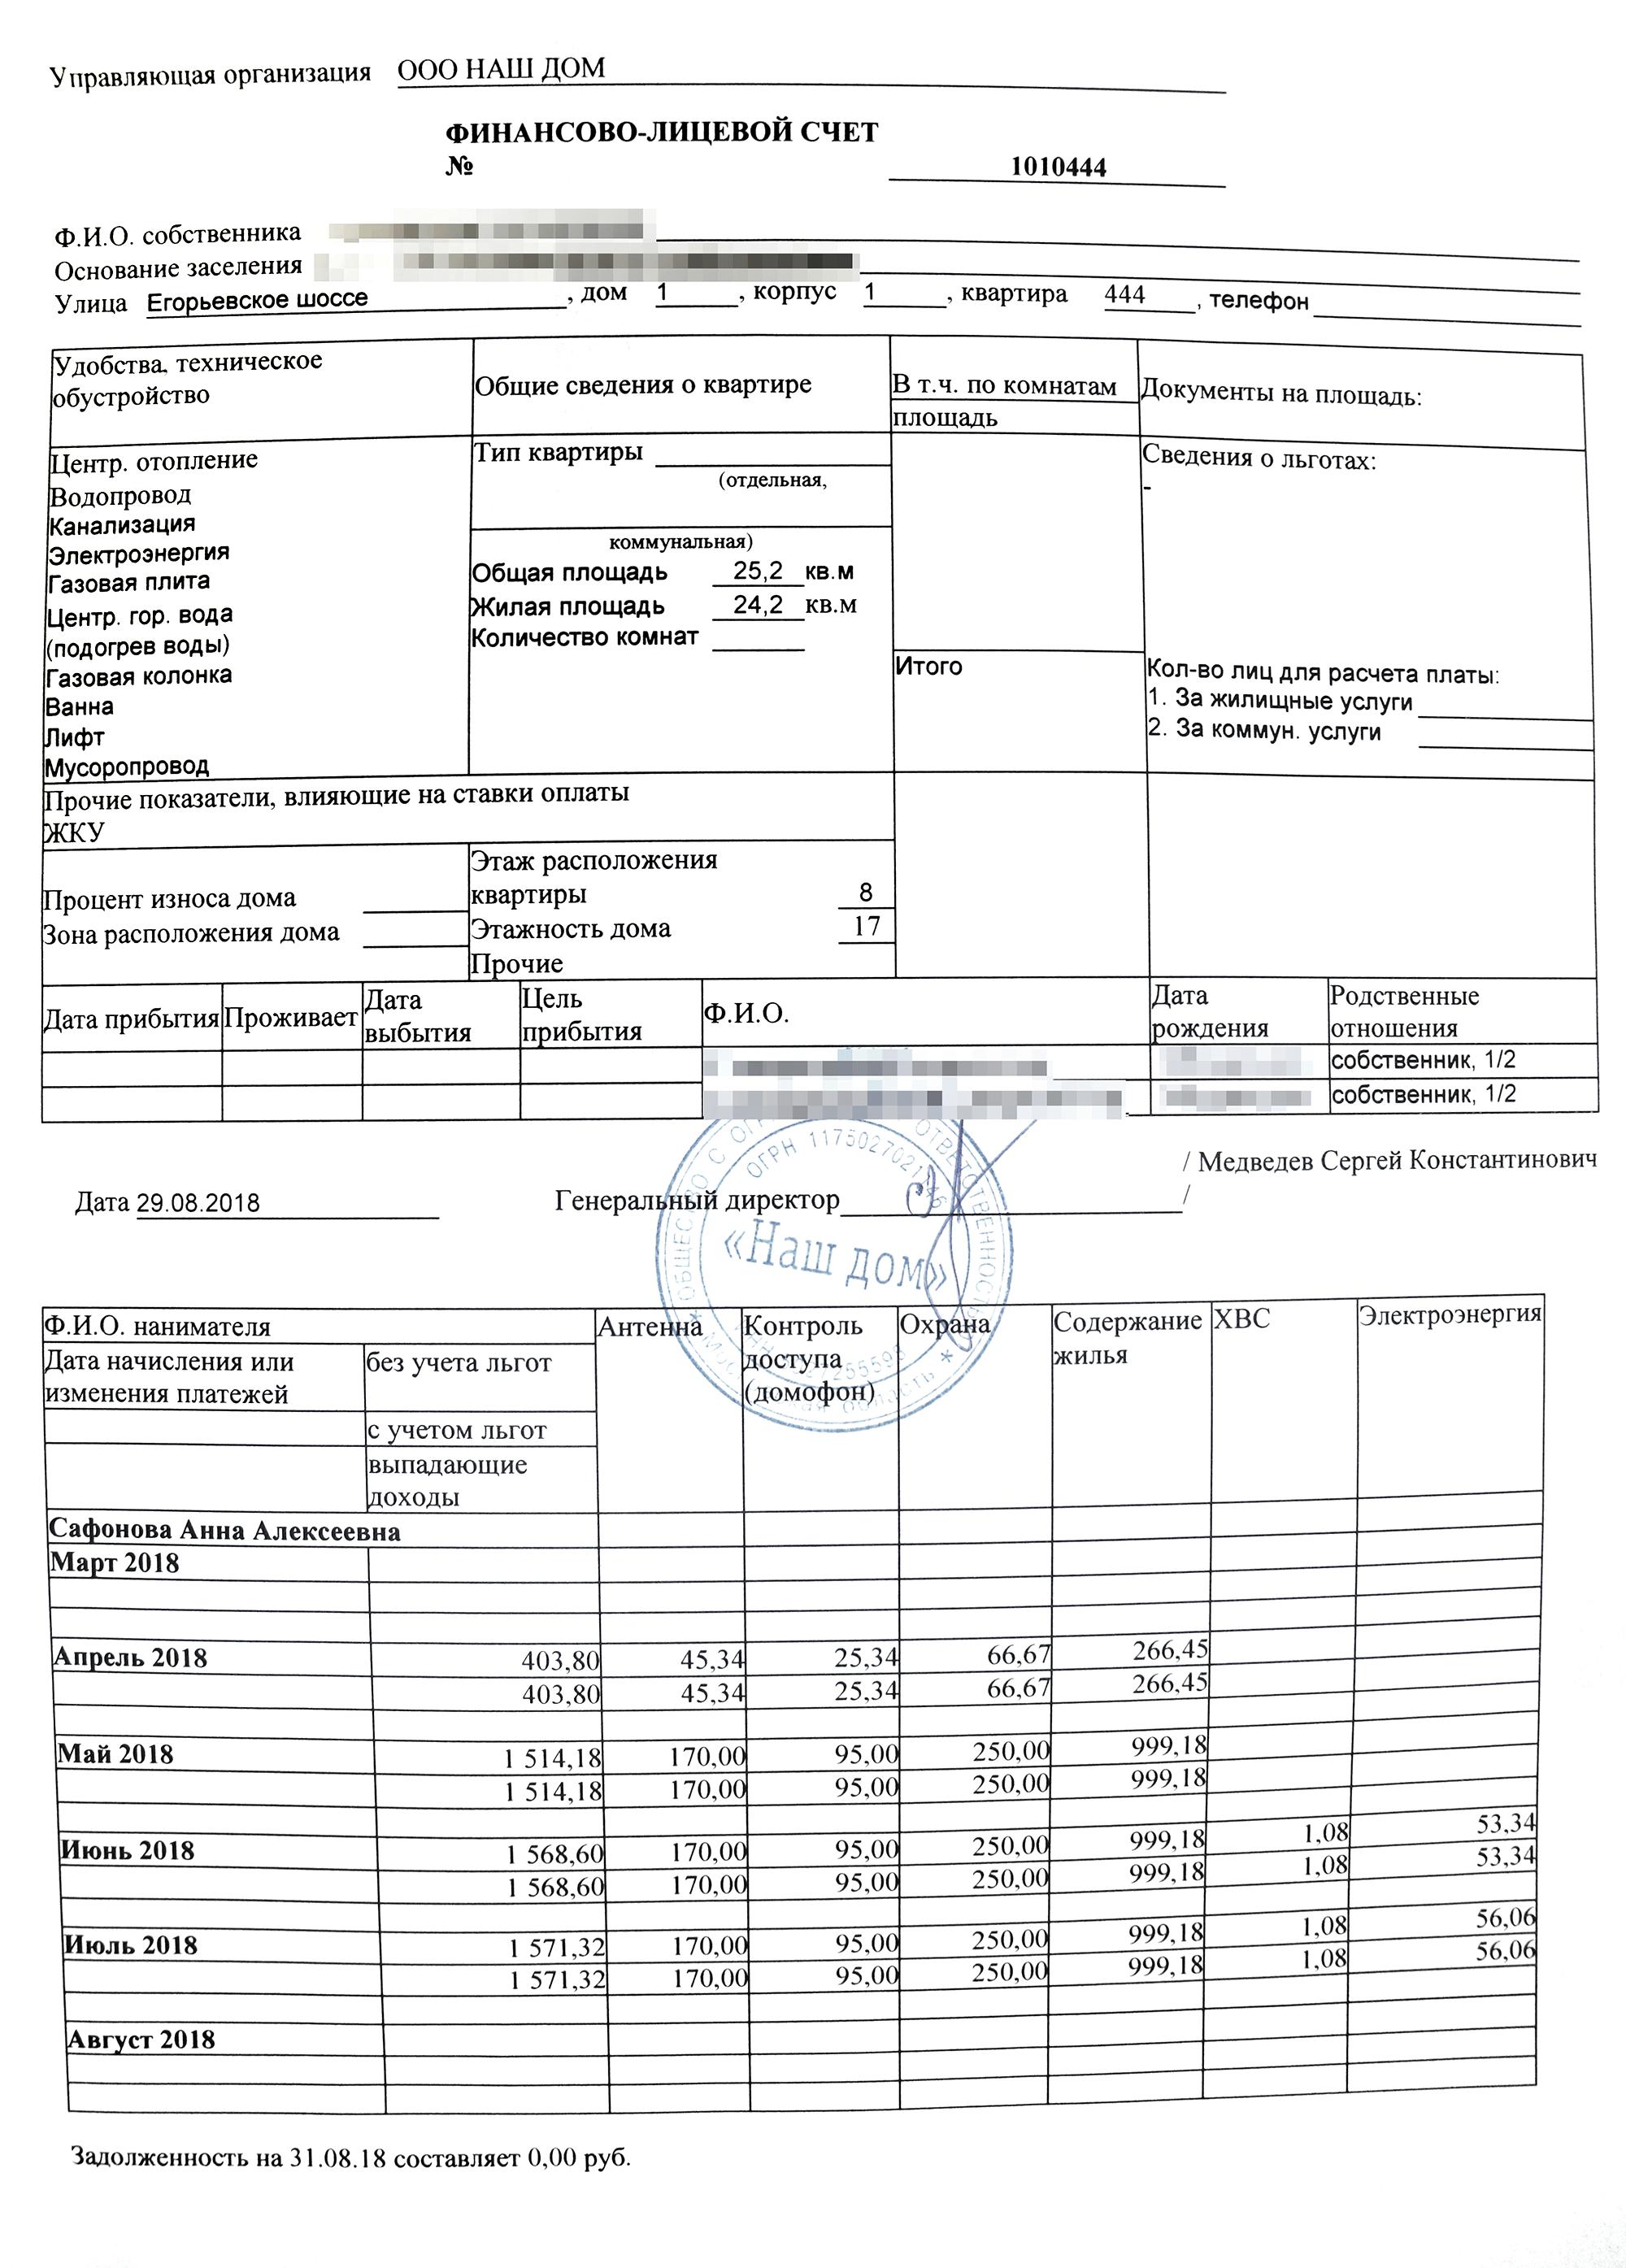 Копия финансово-лицевого счета, полученная в офисе управляющей компании. Банку важно знать, сколько собственник будет платить за квартиру в месяц, а также нетли задолженности за ЖКУ